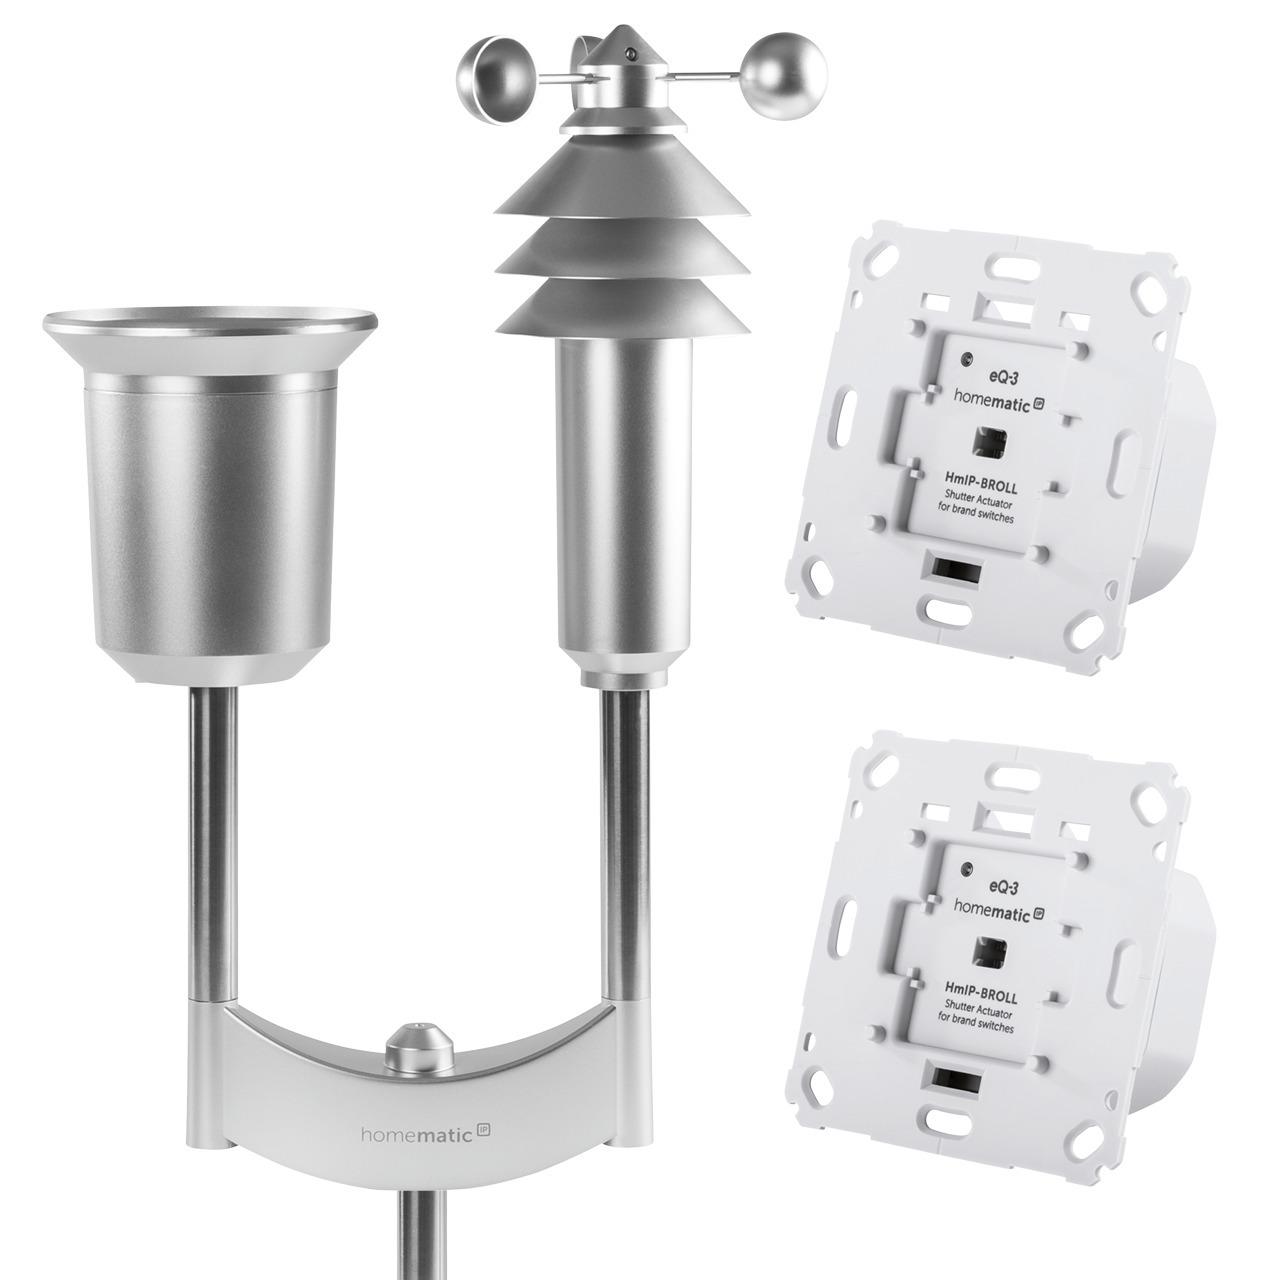 Homematic IP Erweiterungsset Wetterschutz mit 2x Rollladenaktor und Wettersensor Plus